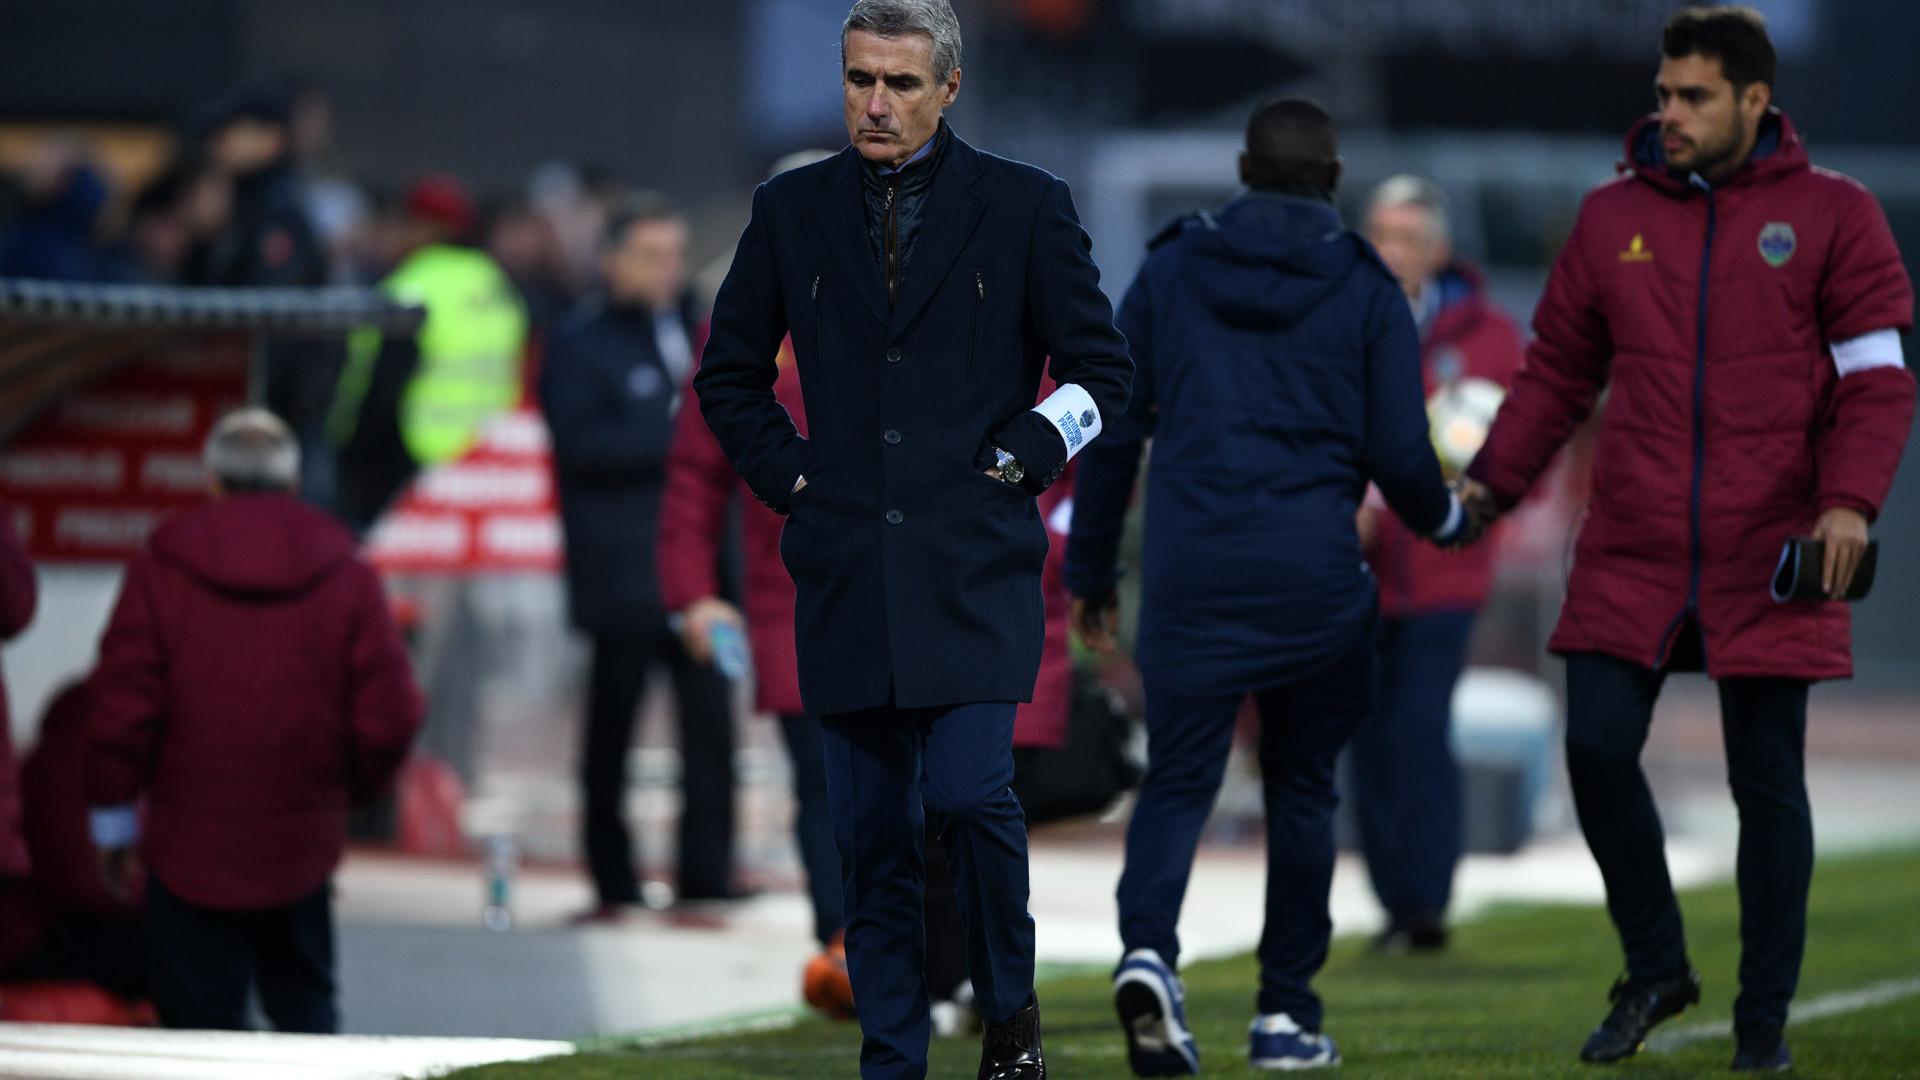 Confirmado: Luís Castro é o novo treinador do Vitória de Guimarães